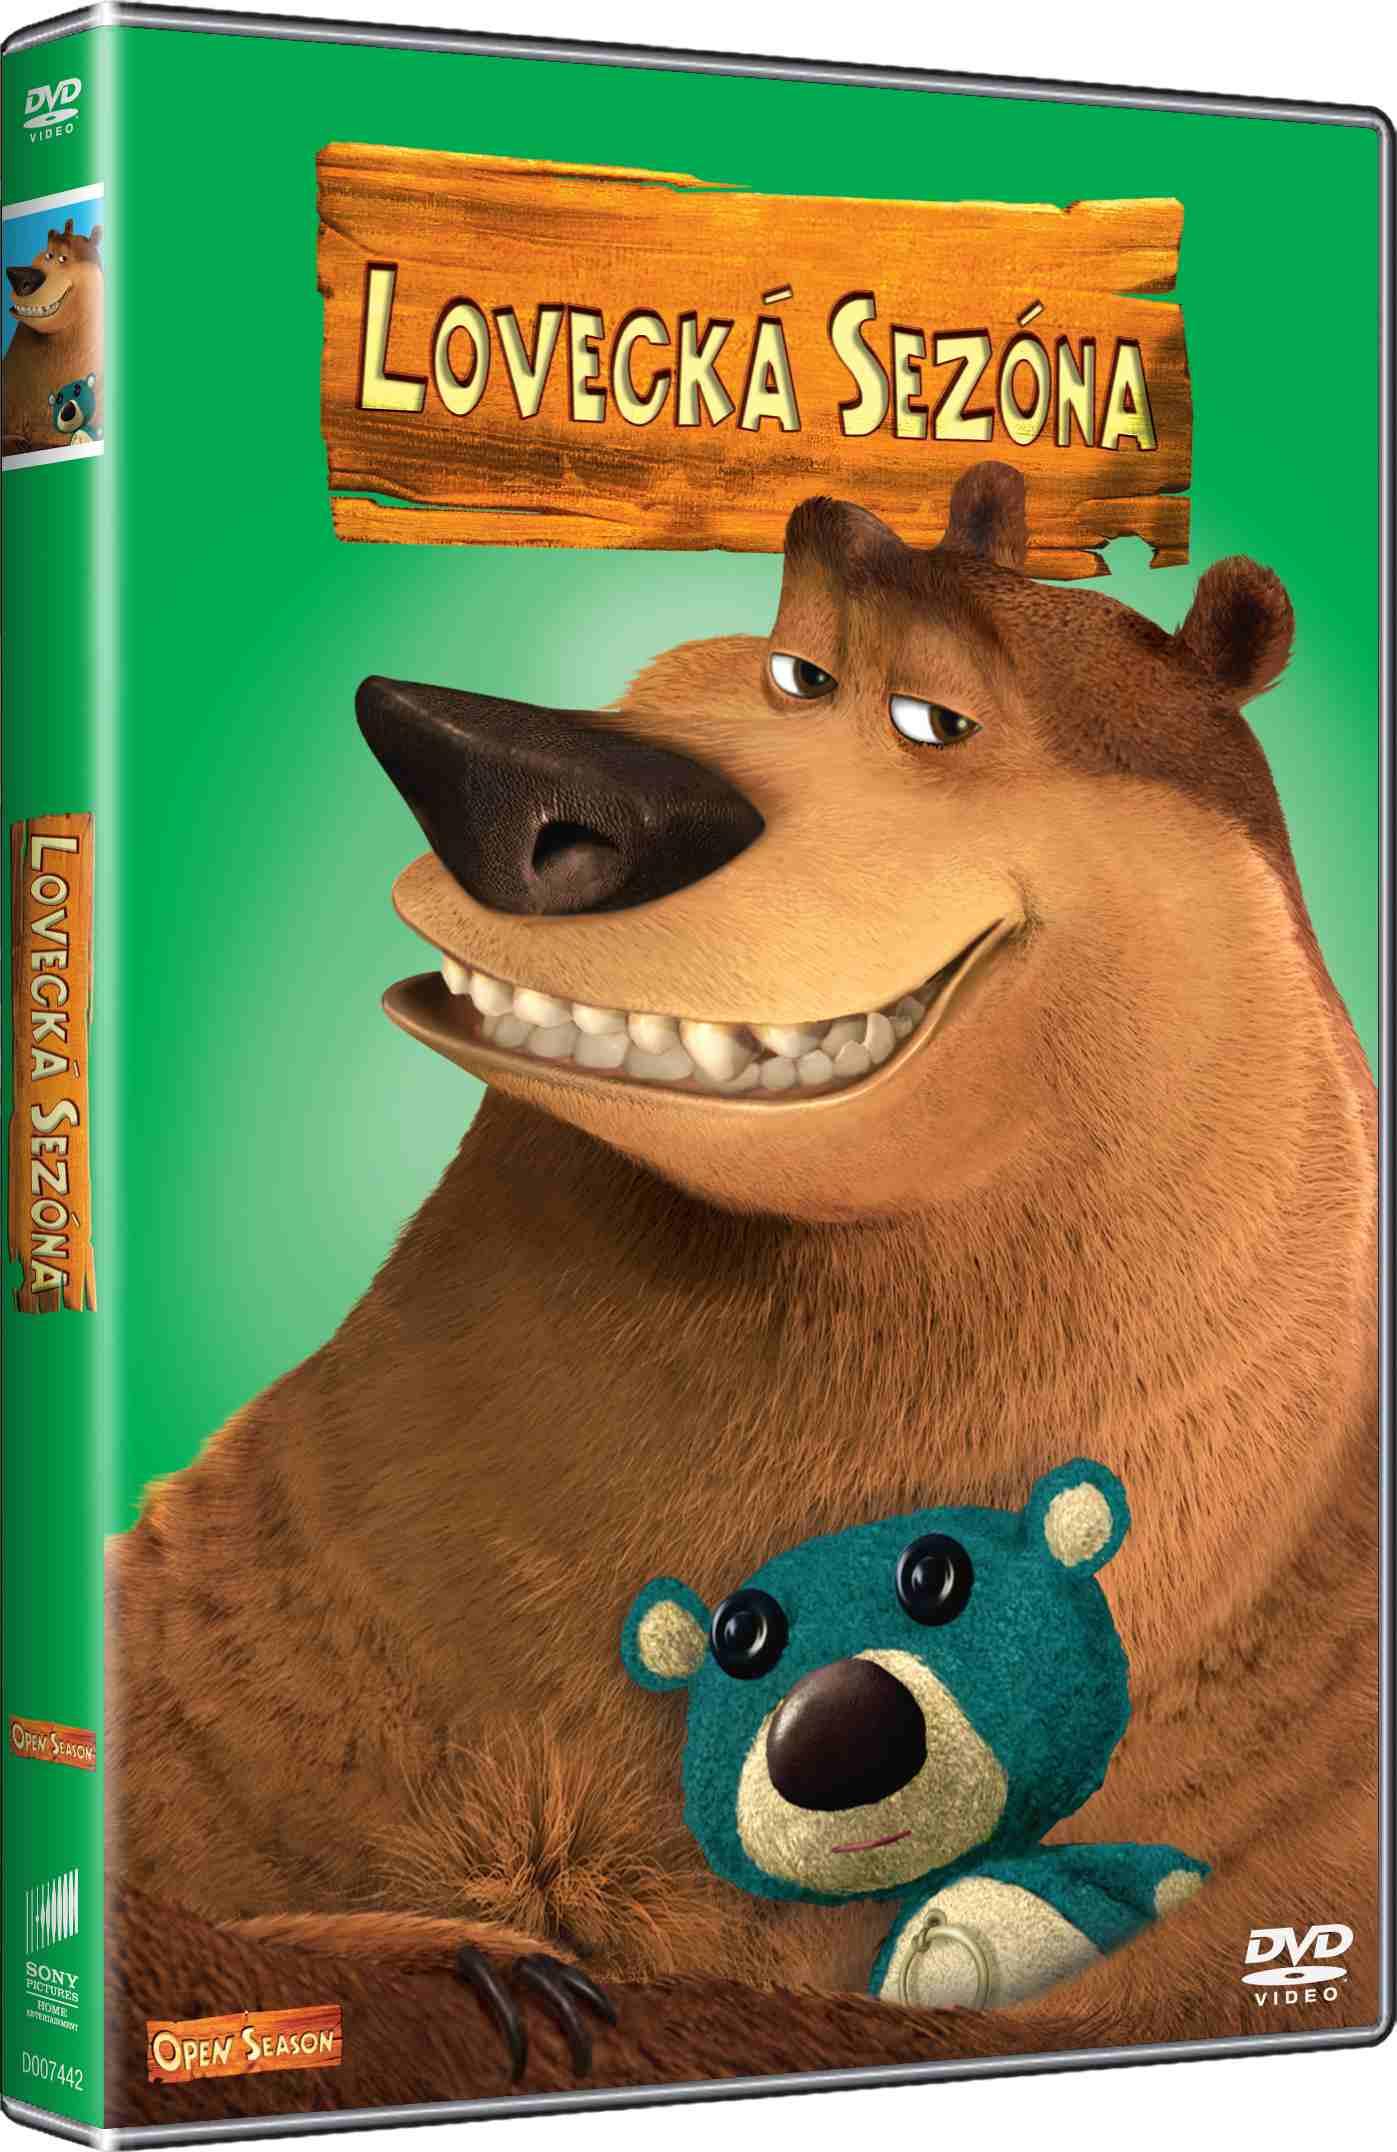 LOVECKÁ SEZÓNA (Big Face) - DVD